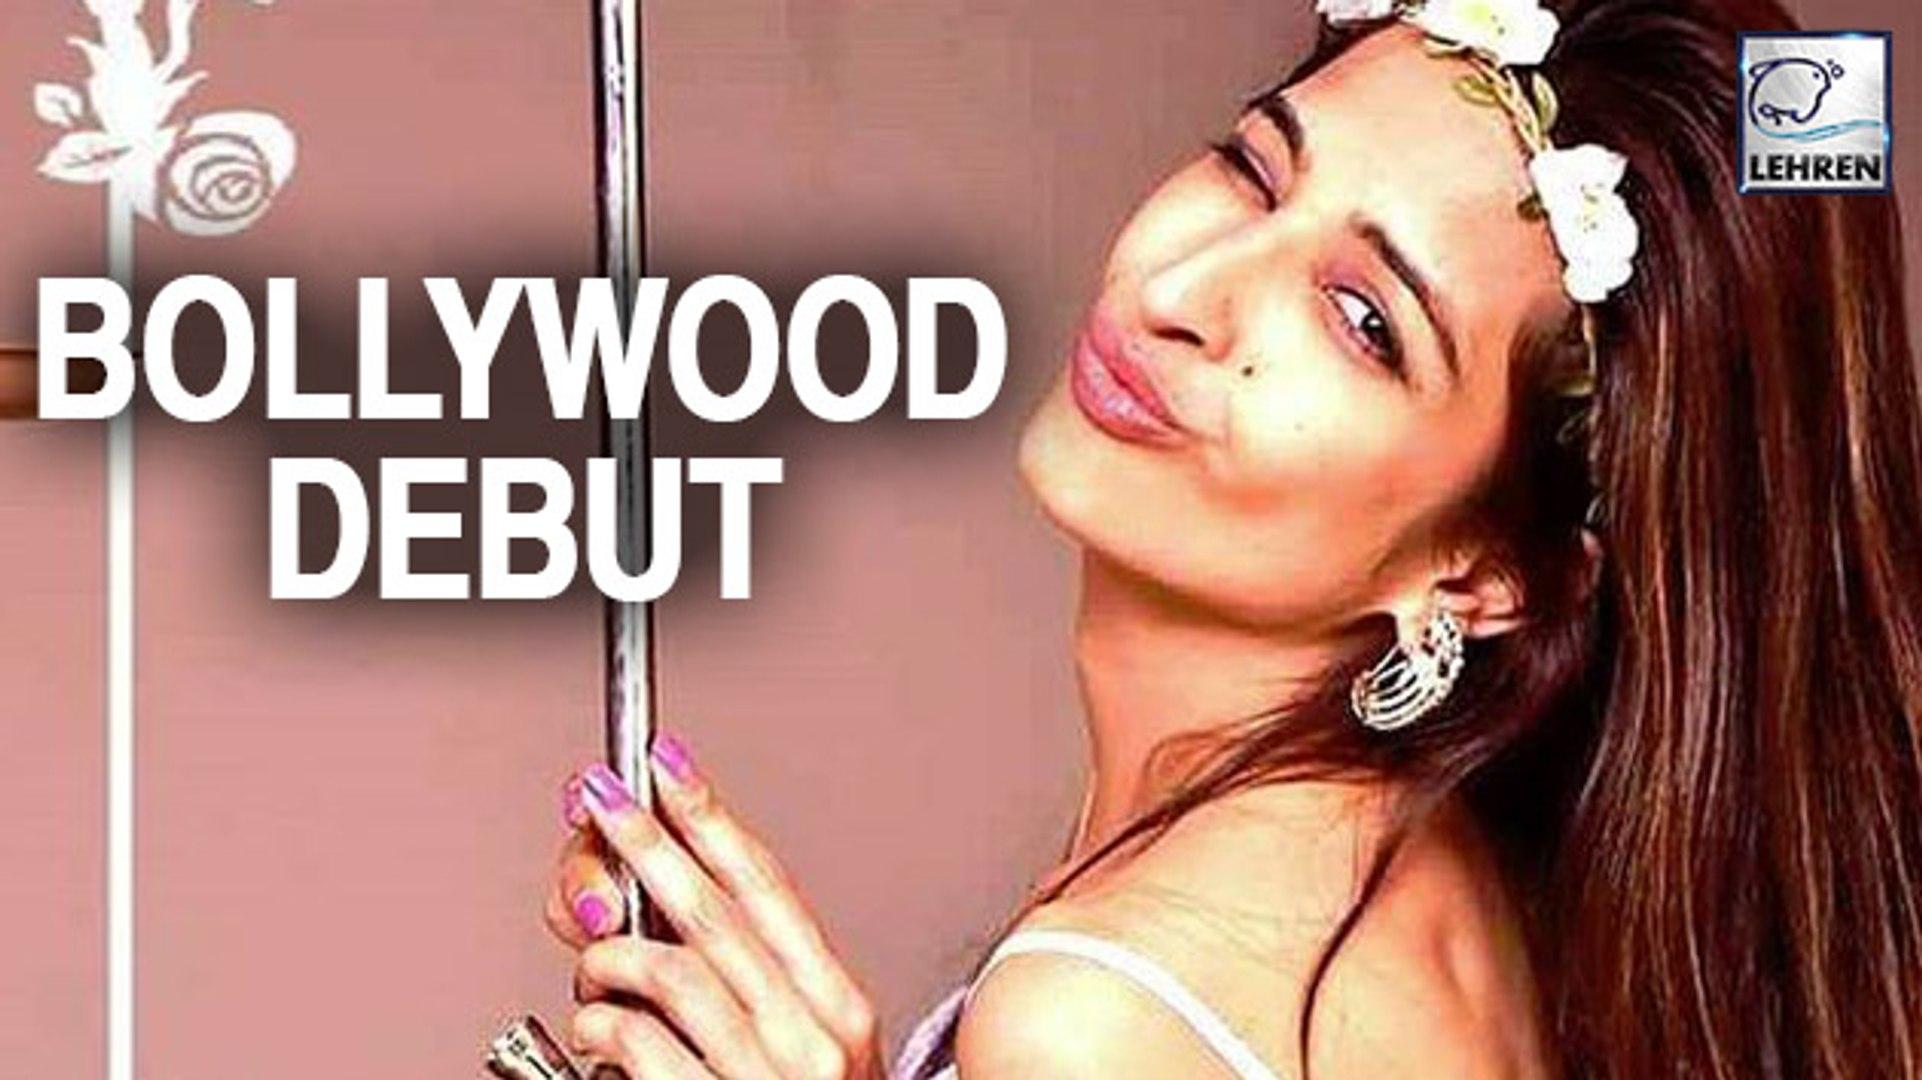 Bigg Boss 10 Contestant Priyanka Jagga's Bollywood Debut